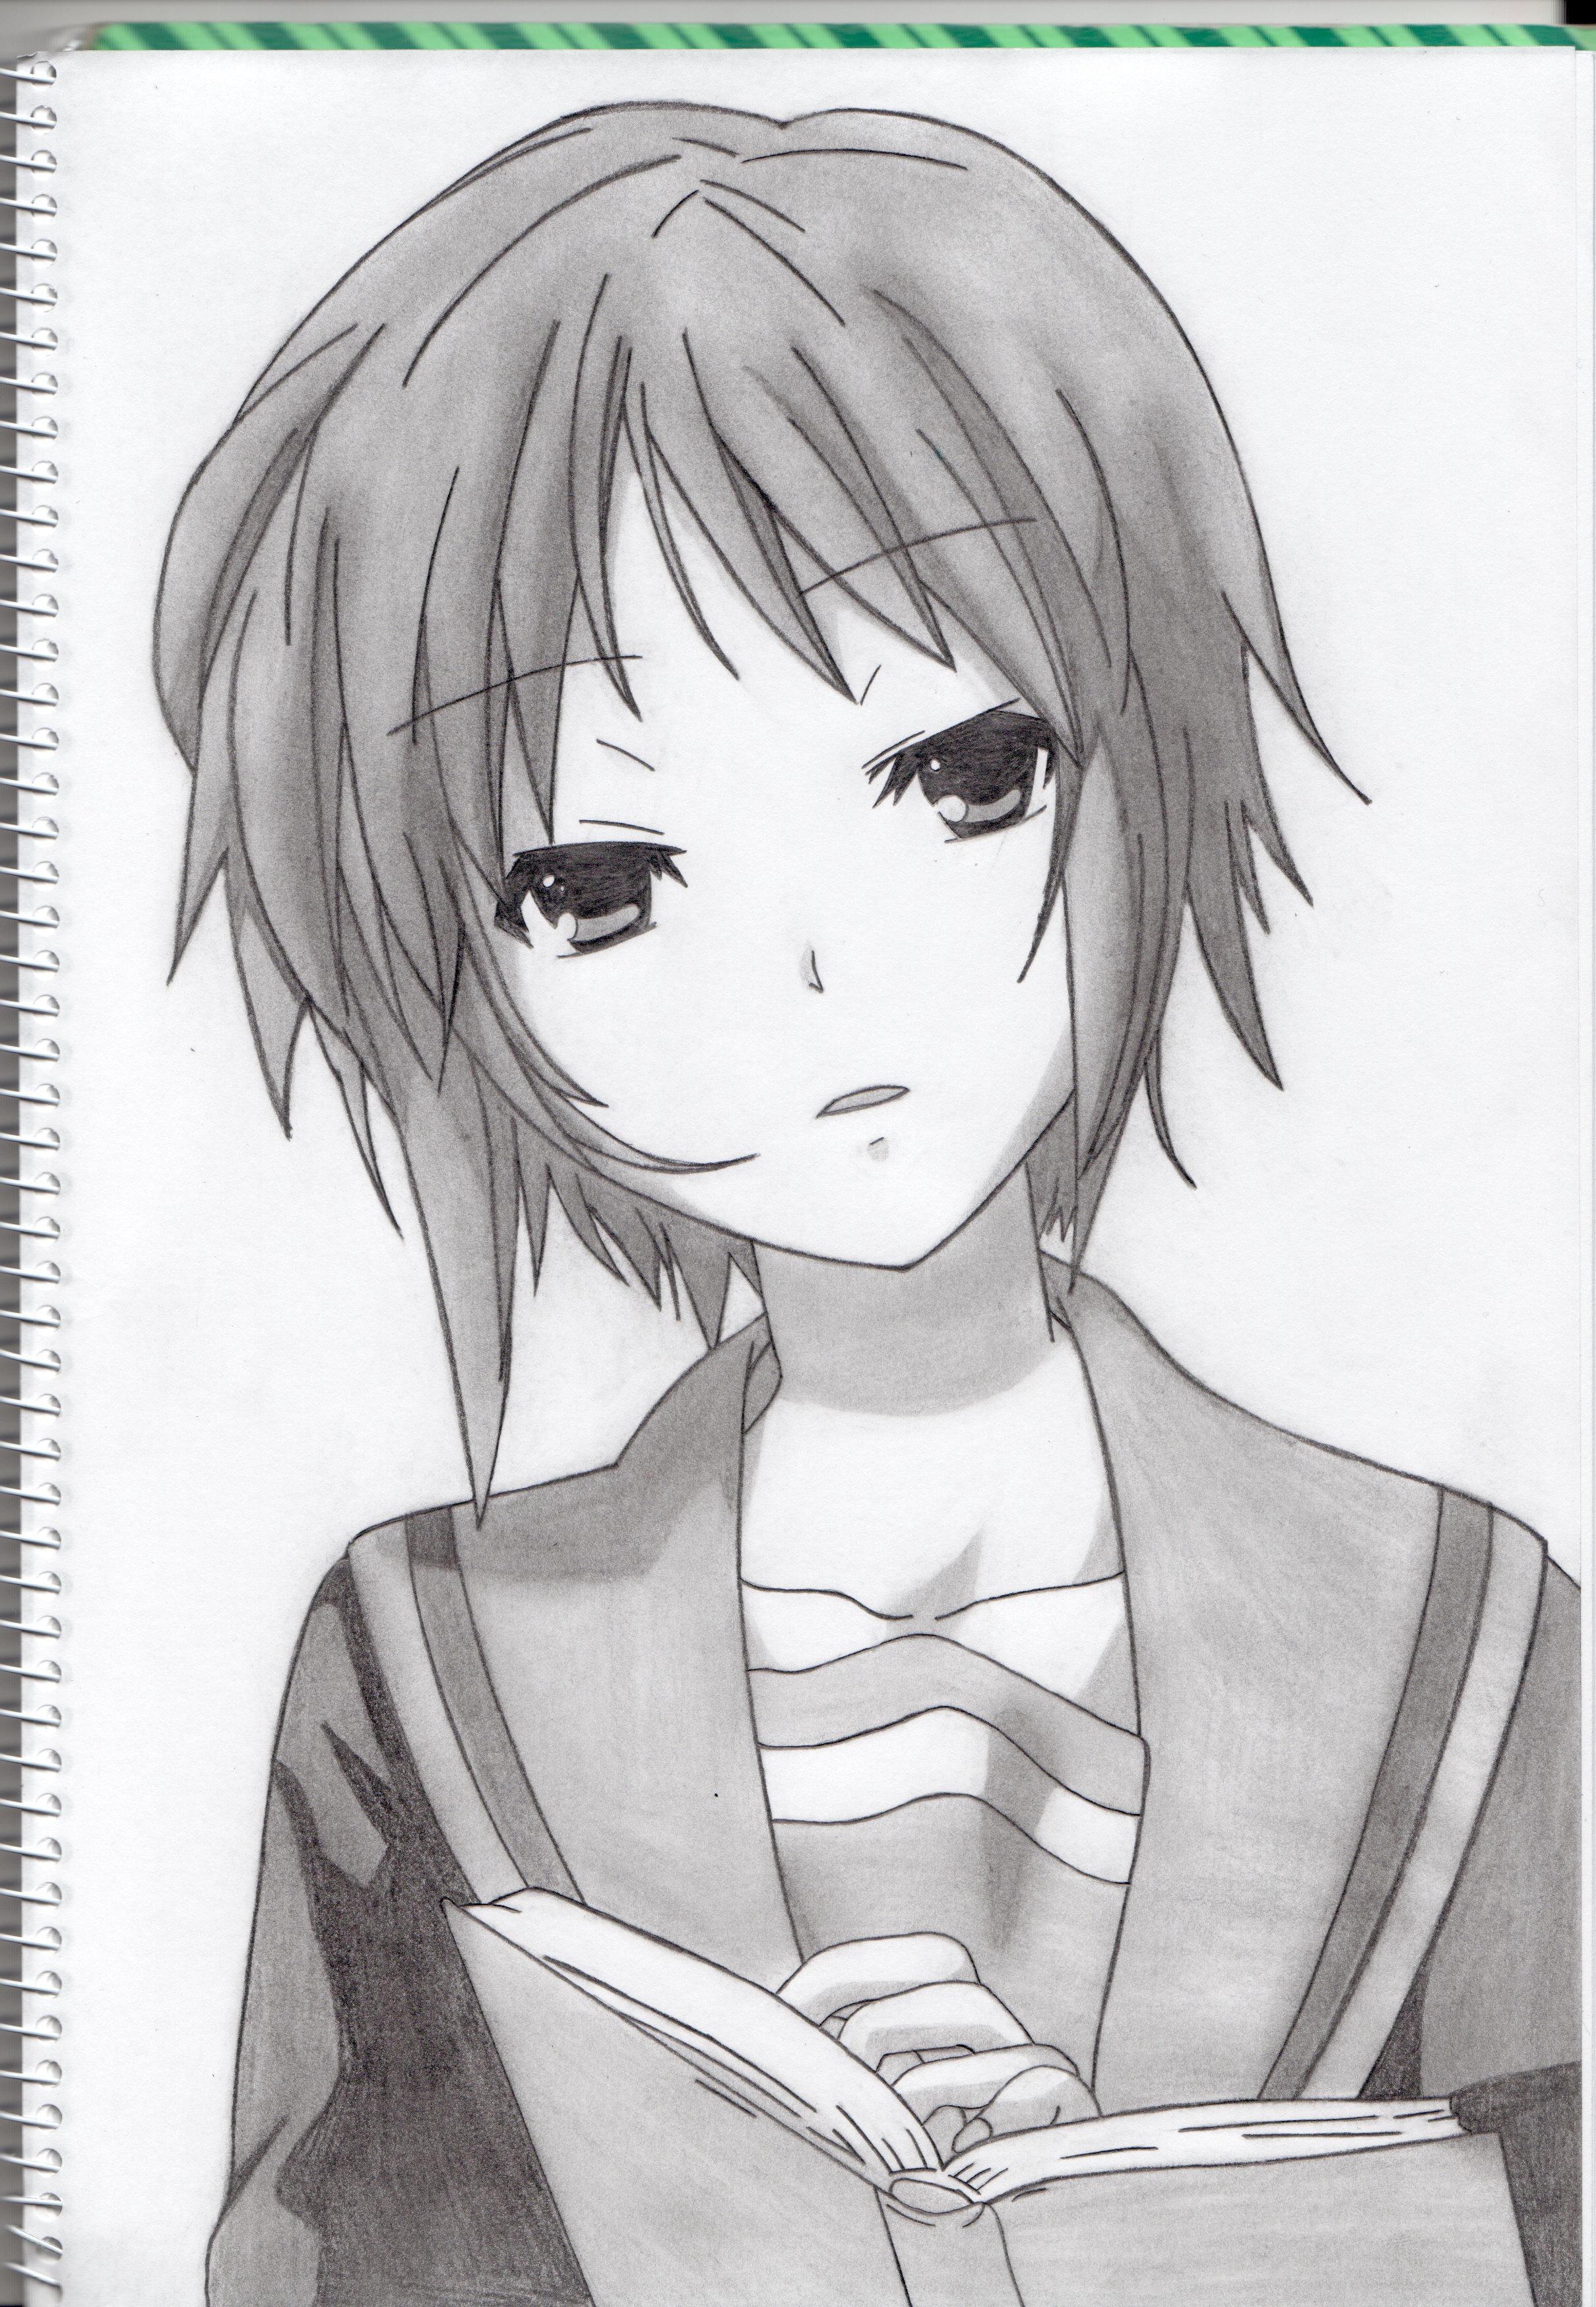 Yuki Nagato draw by kashim13